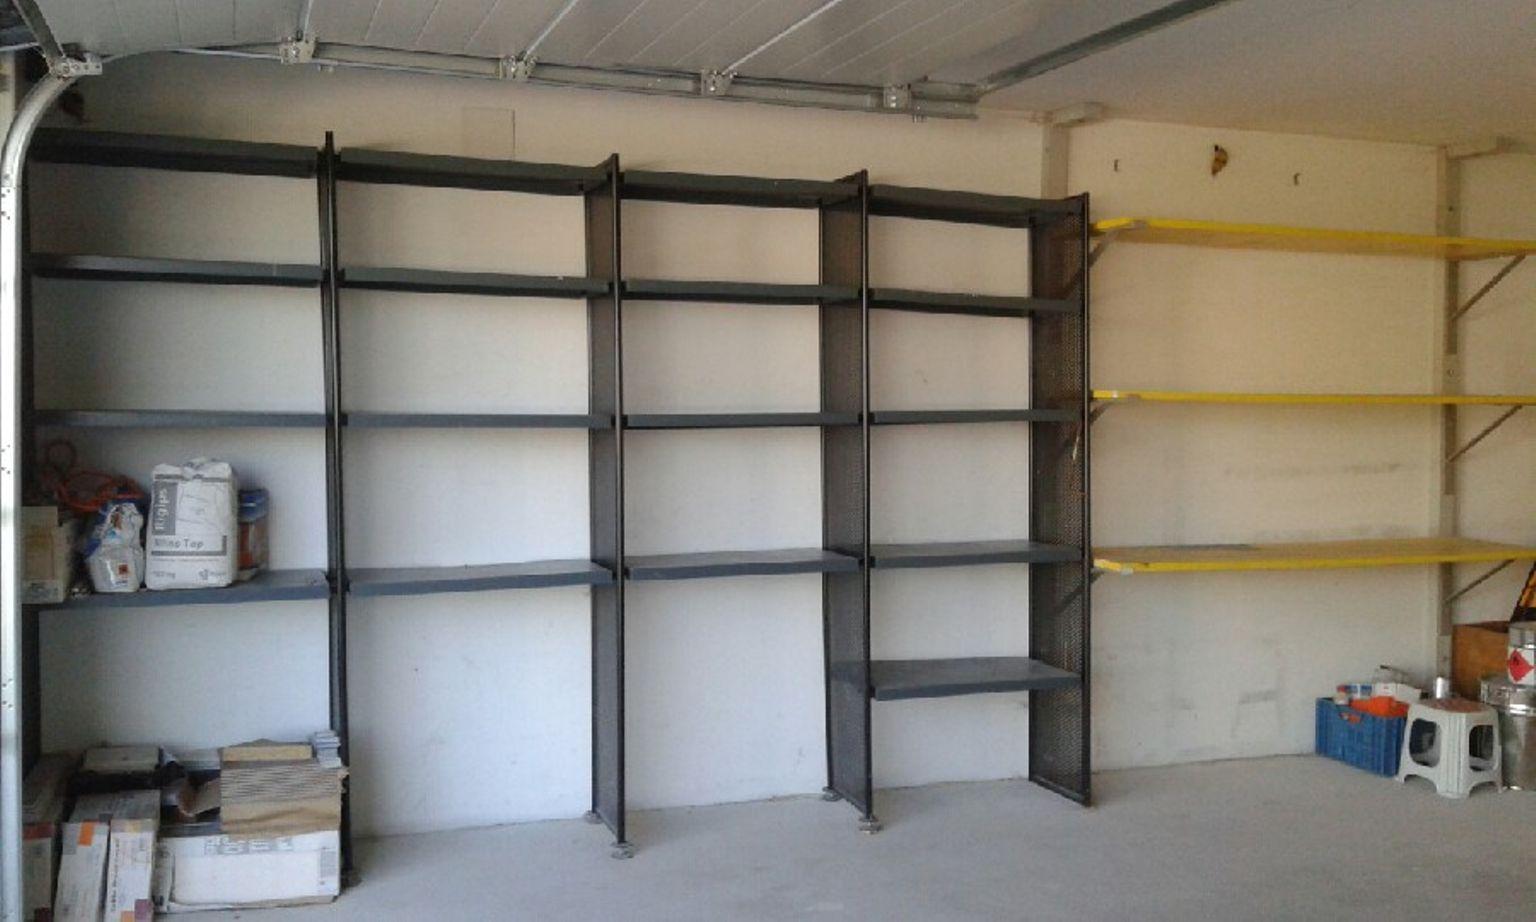 Full Size of Regale Keller Metall Regalsysteme Ikea Regalsystem Vorratsraum Und Garage Blech Regal Weiß Bett Für Wohnzimmer Regalsystem Keller Metall